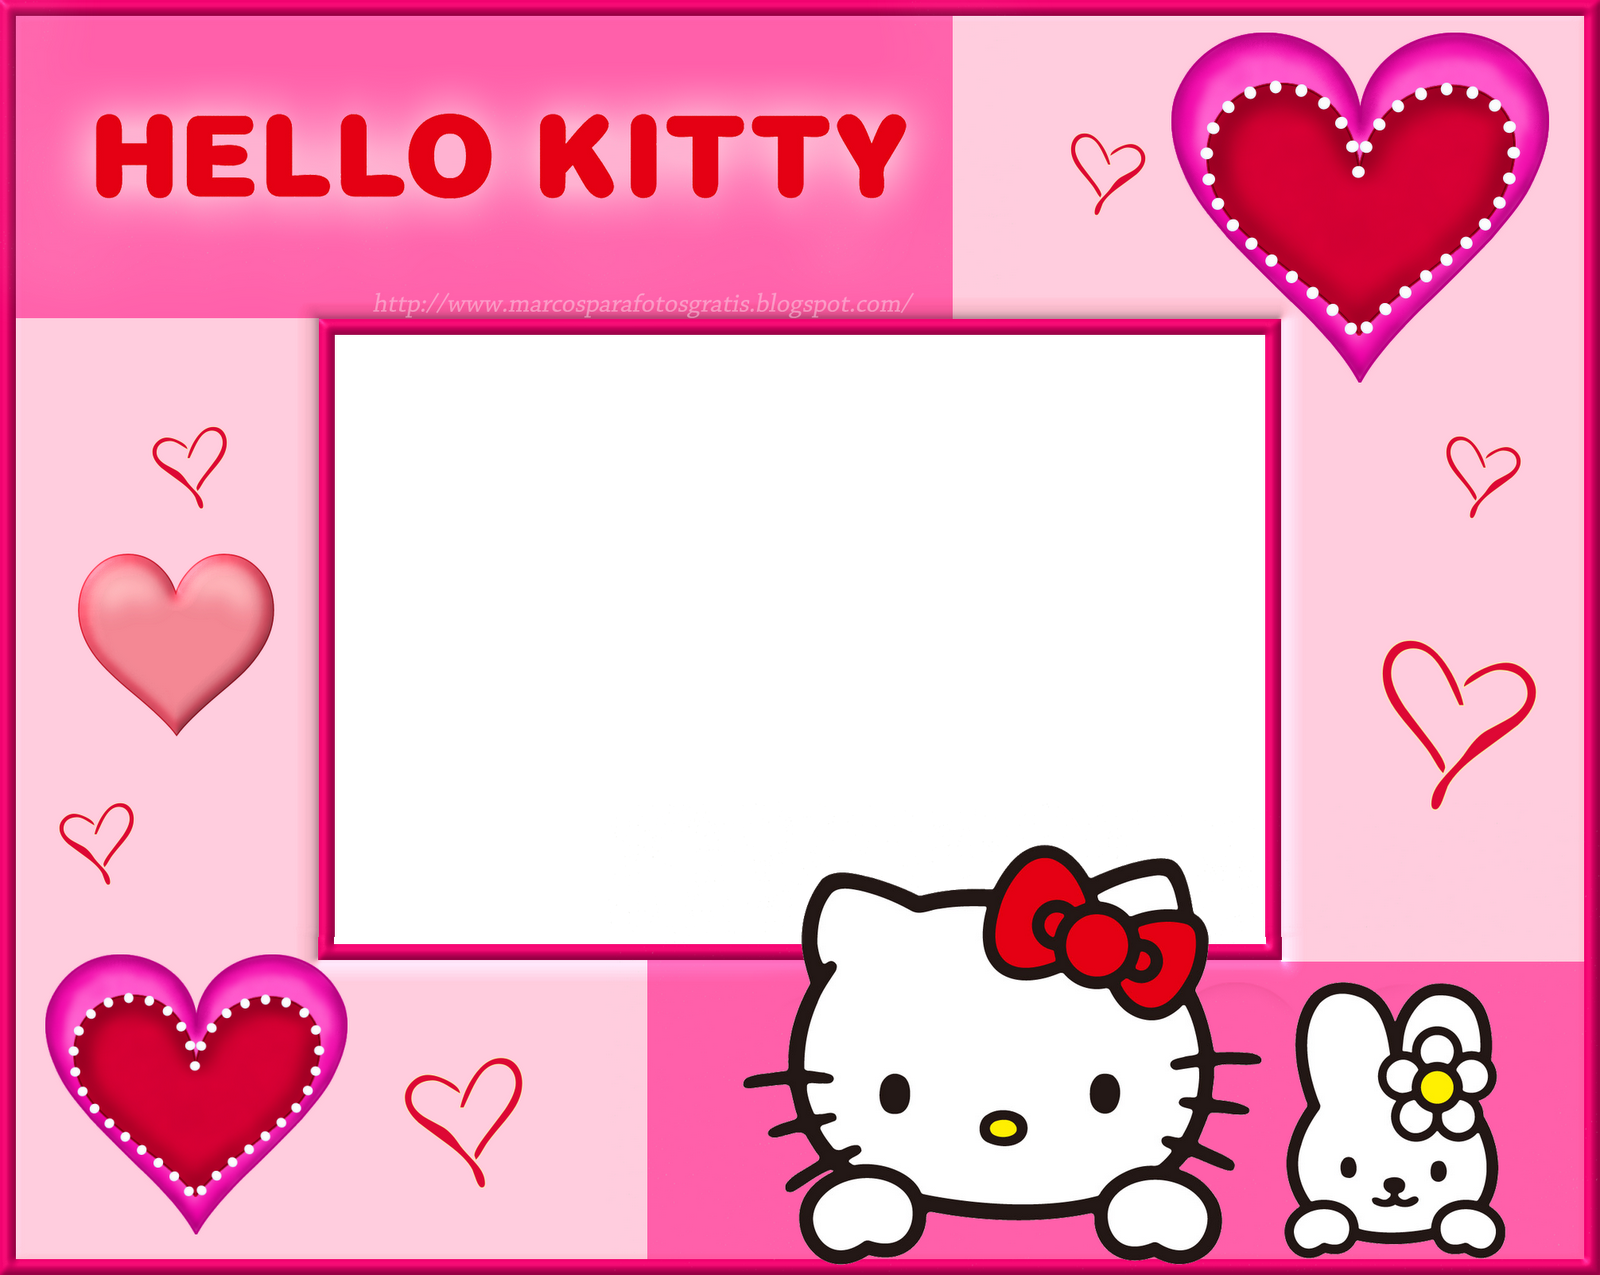 Hello Kitty Photoshop